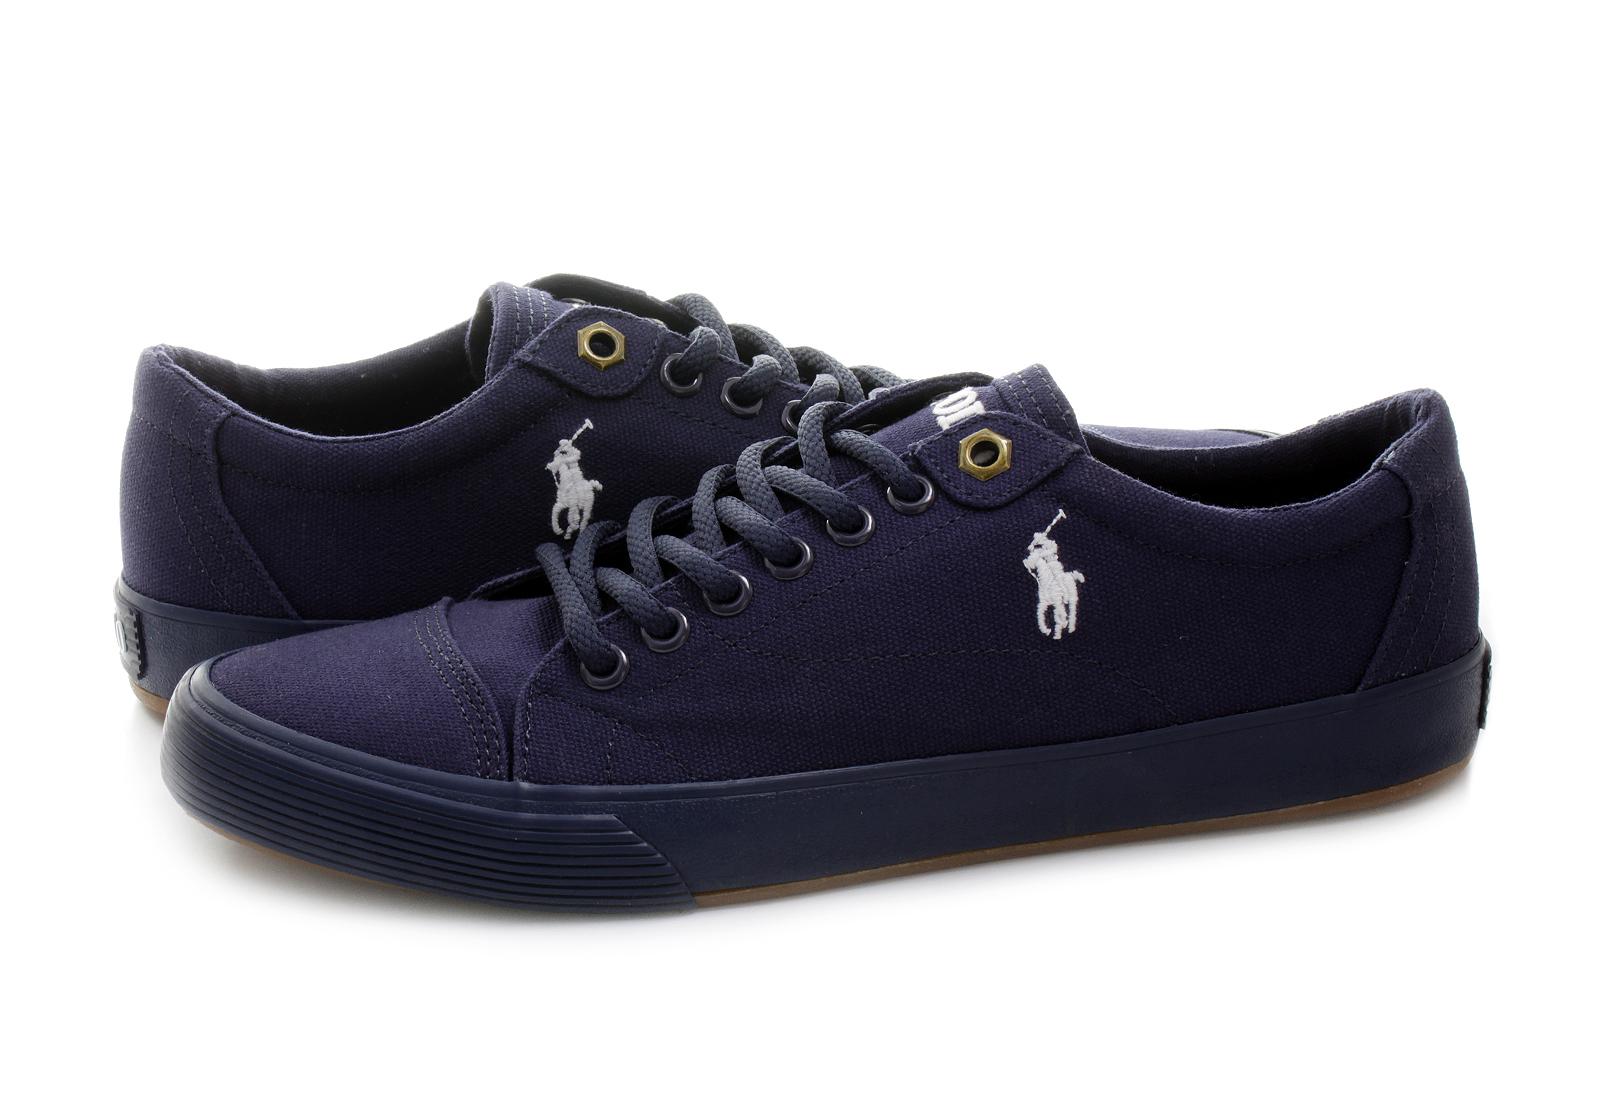 243cd154b14 Polo Ralph Lauren Shoes - Klinger-ne - 816590855006 - Online shop ...